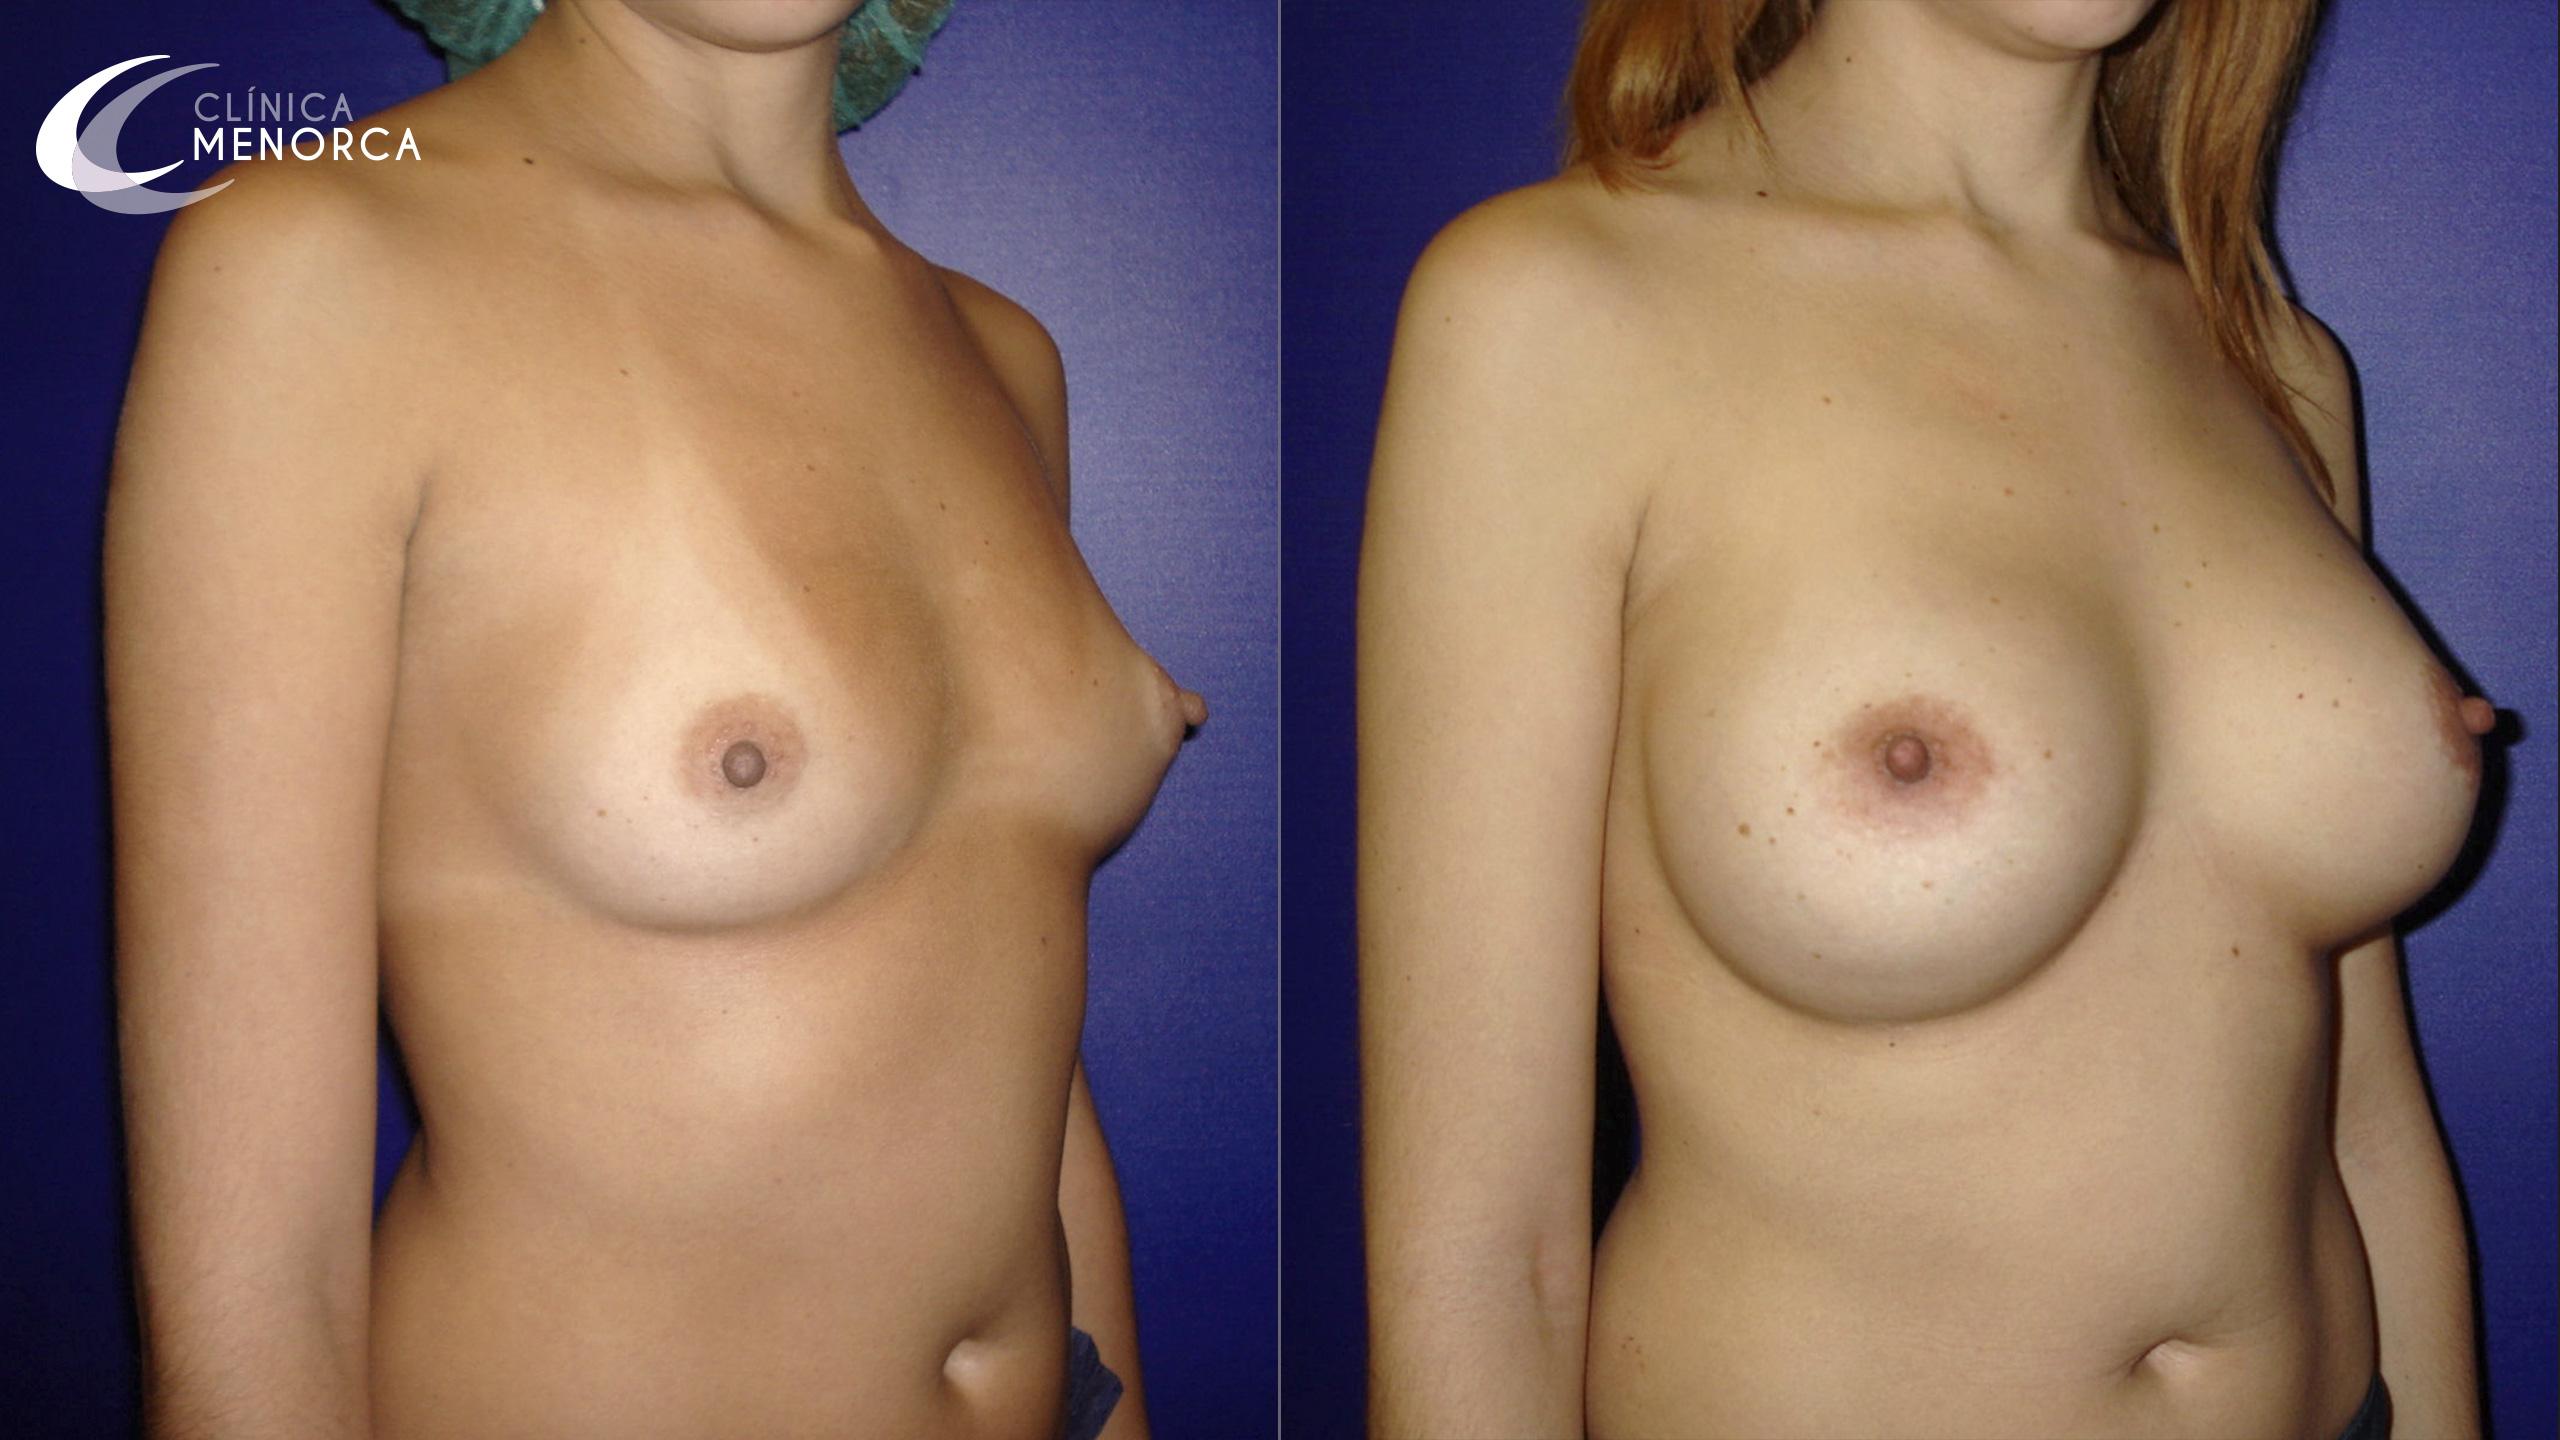 Aumento de senos antes y después en Clínica Menorca